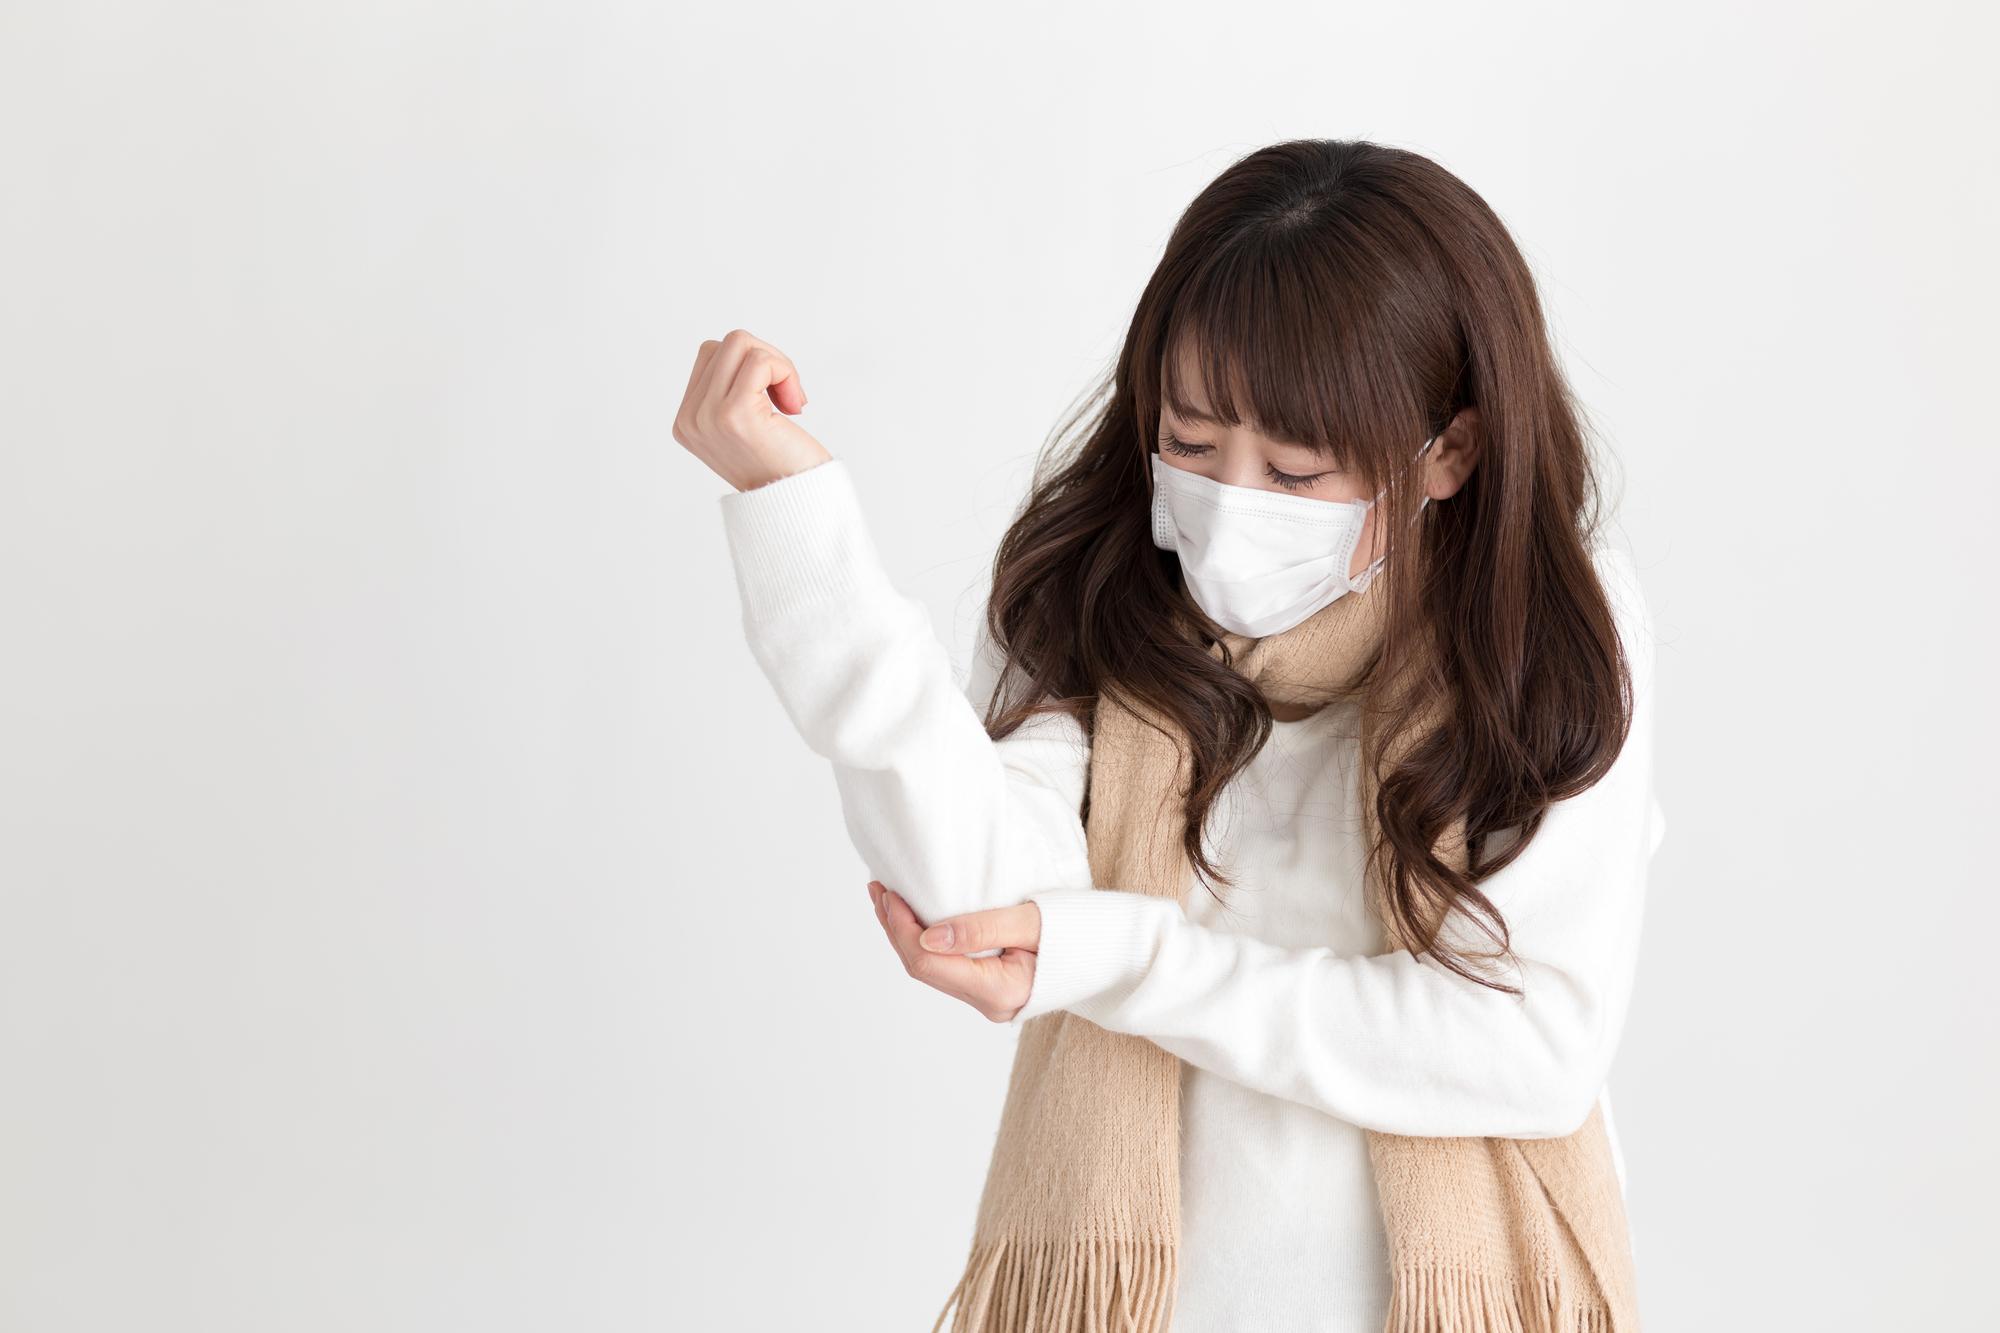 悪寒 の が に 熱 ない